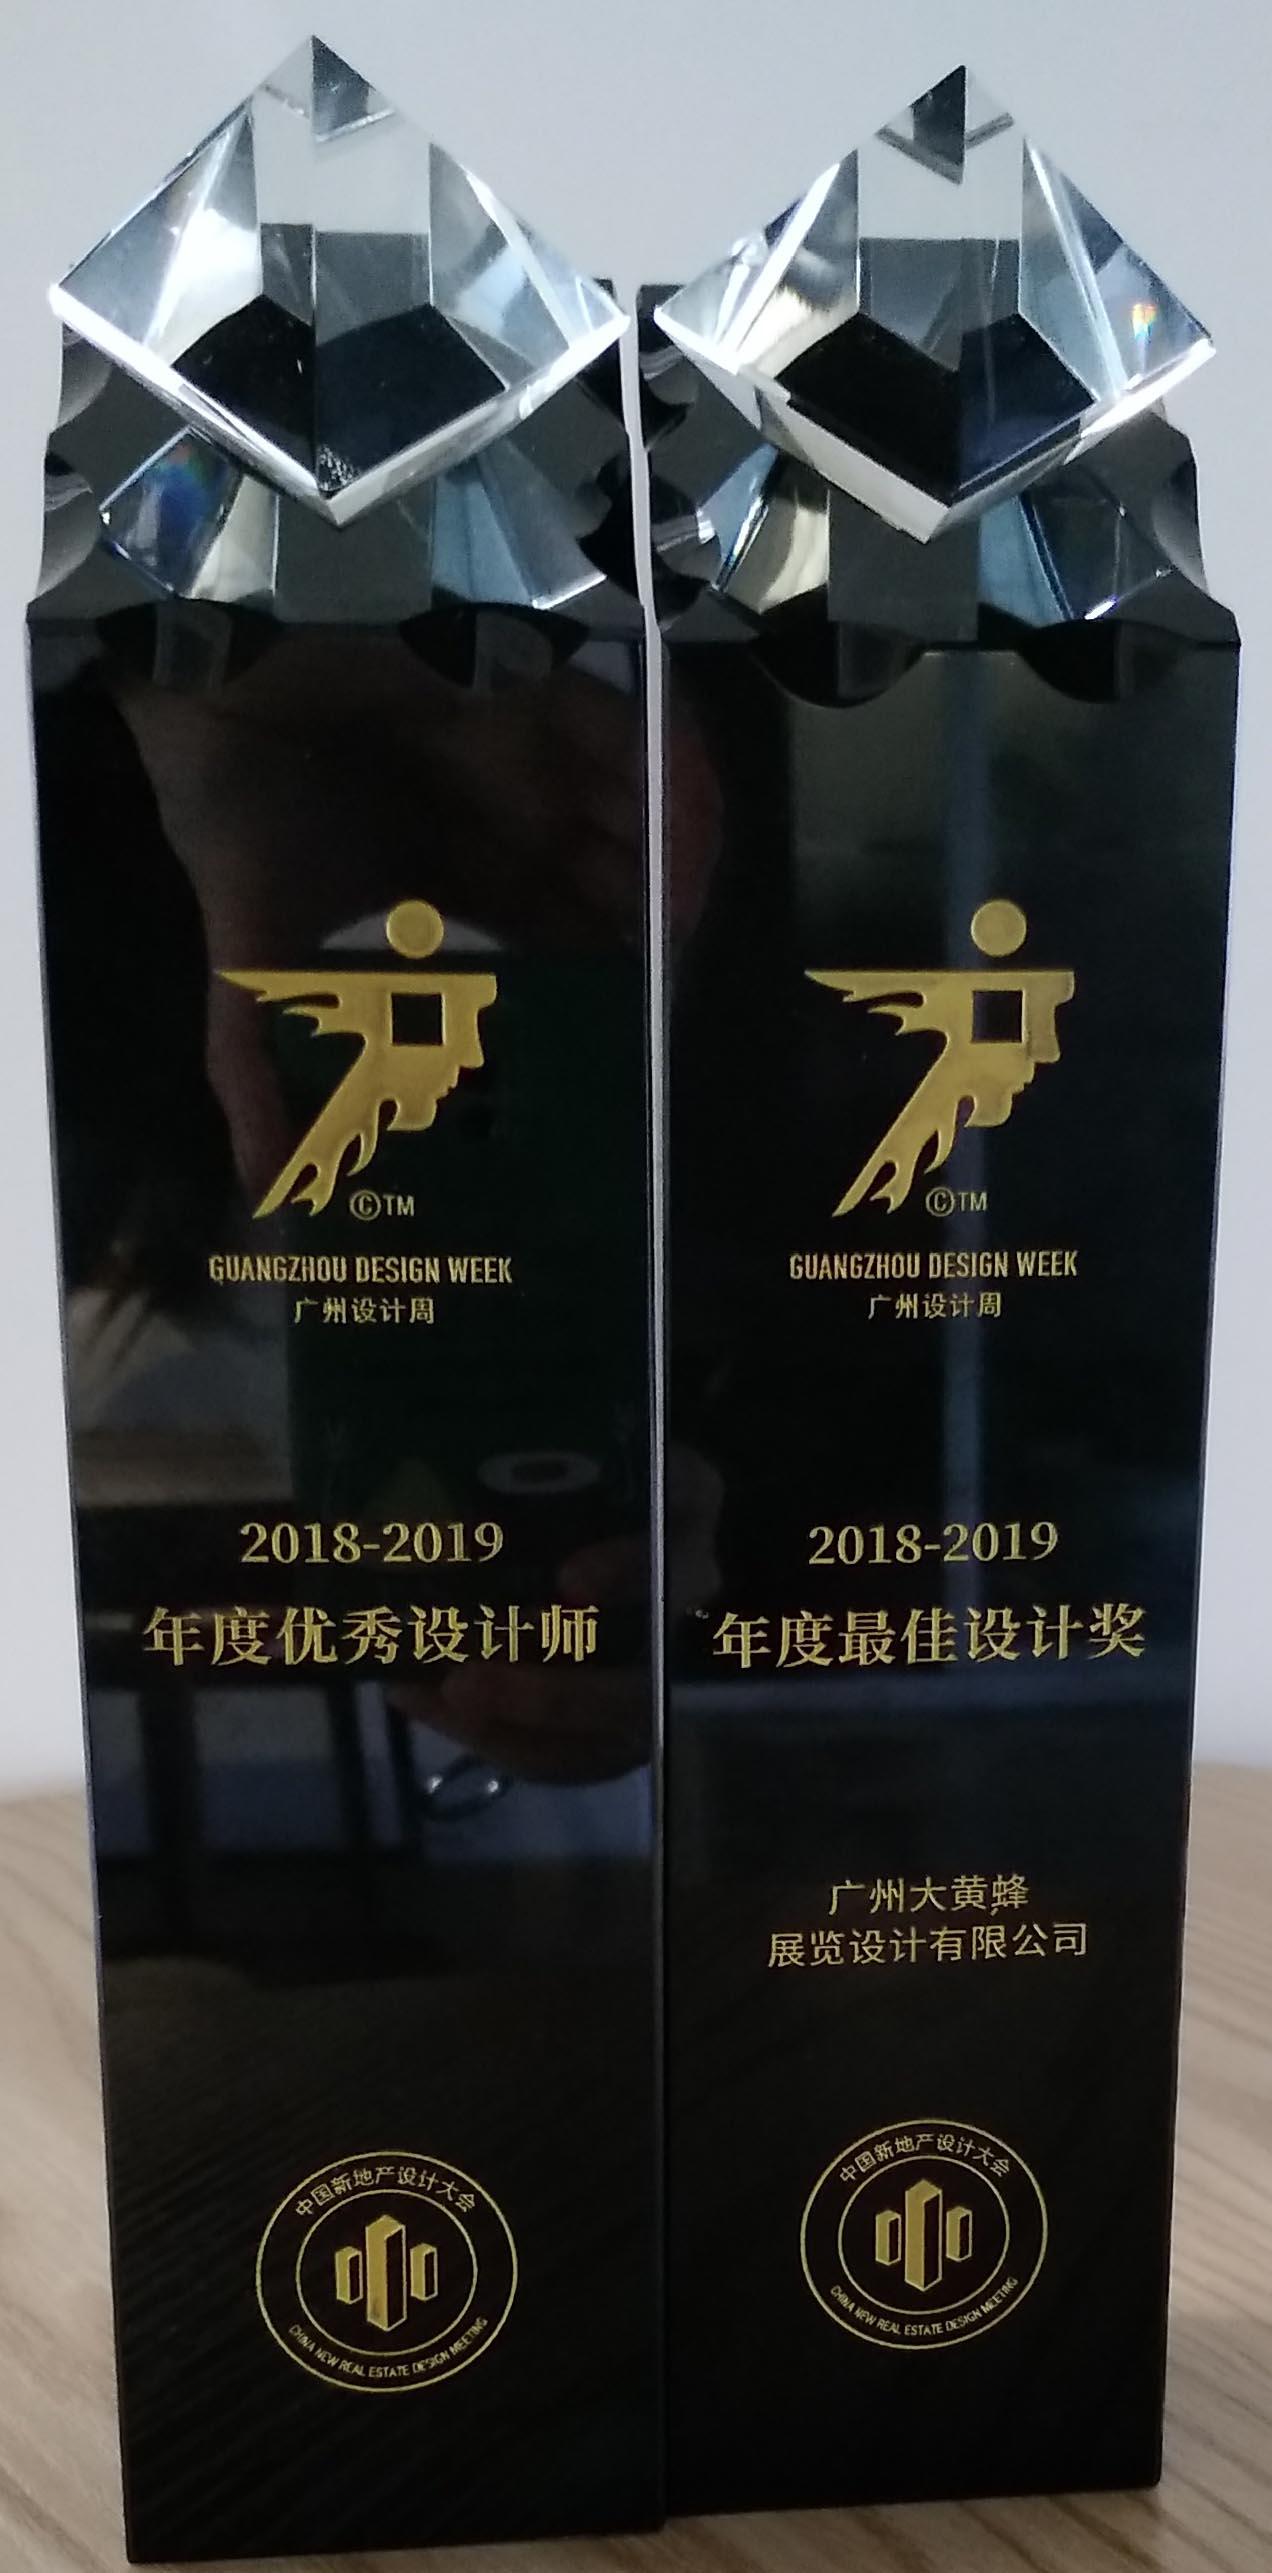 大黄蜂-2018-2019广州设计周年度最佳设计奖、年度优秀设计师